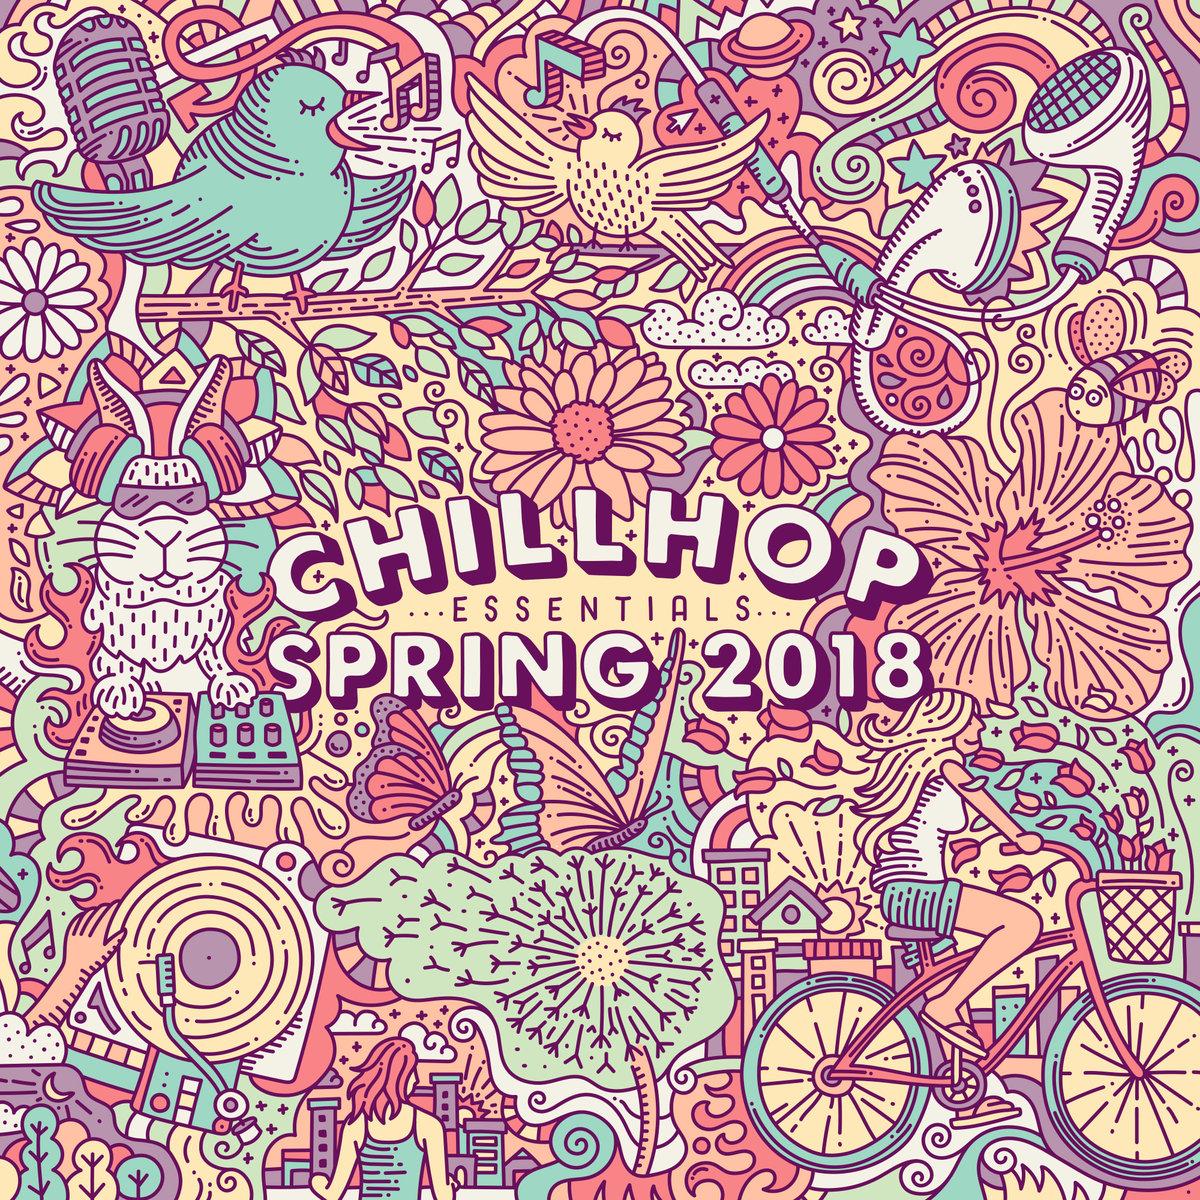 Chillhop Essentials – Spring2018